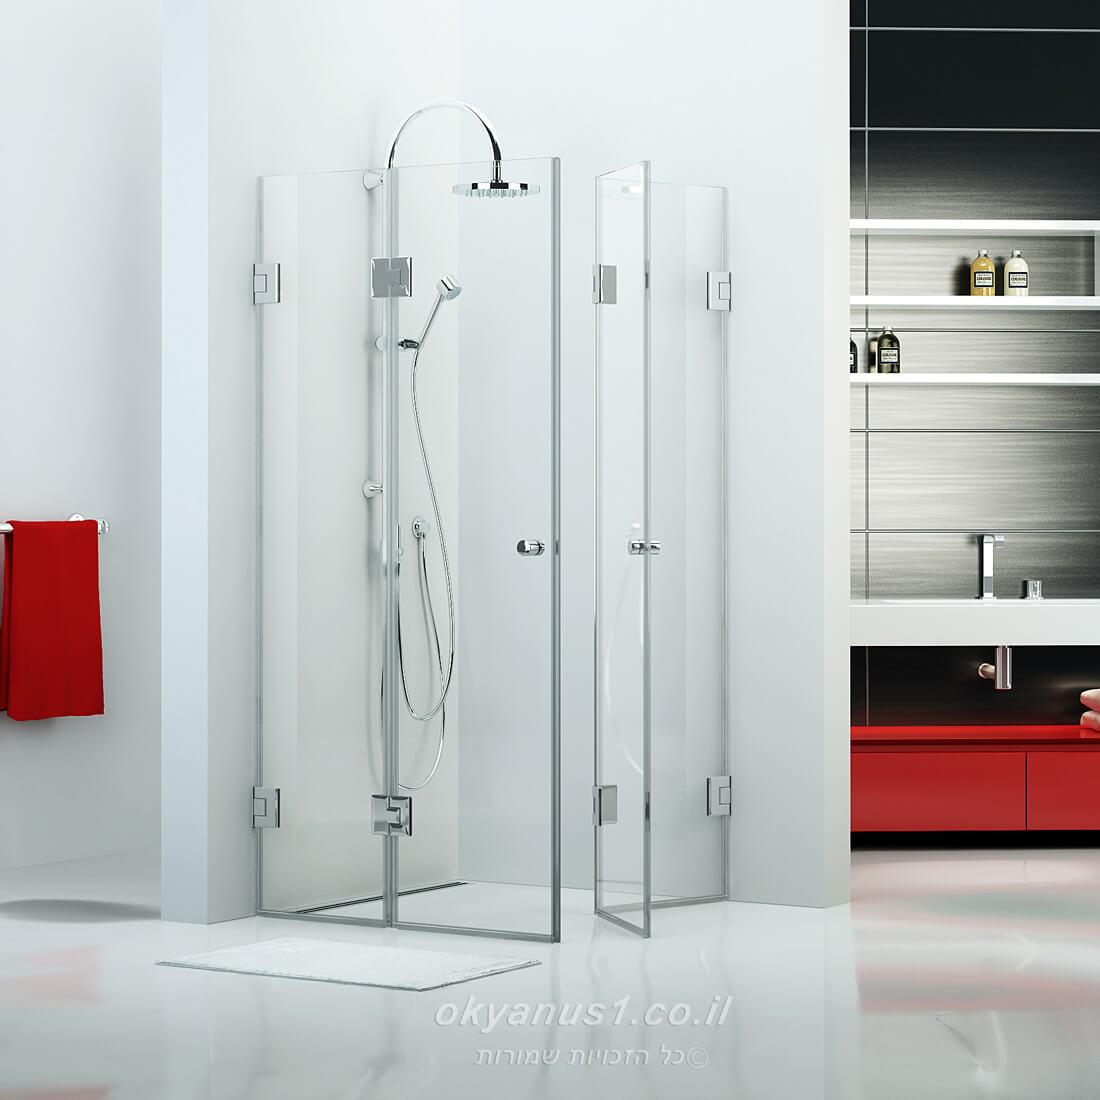 מקלחונים רומנטיים בהרצליה